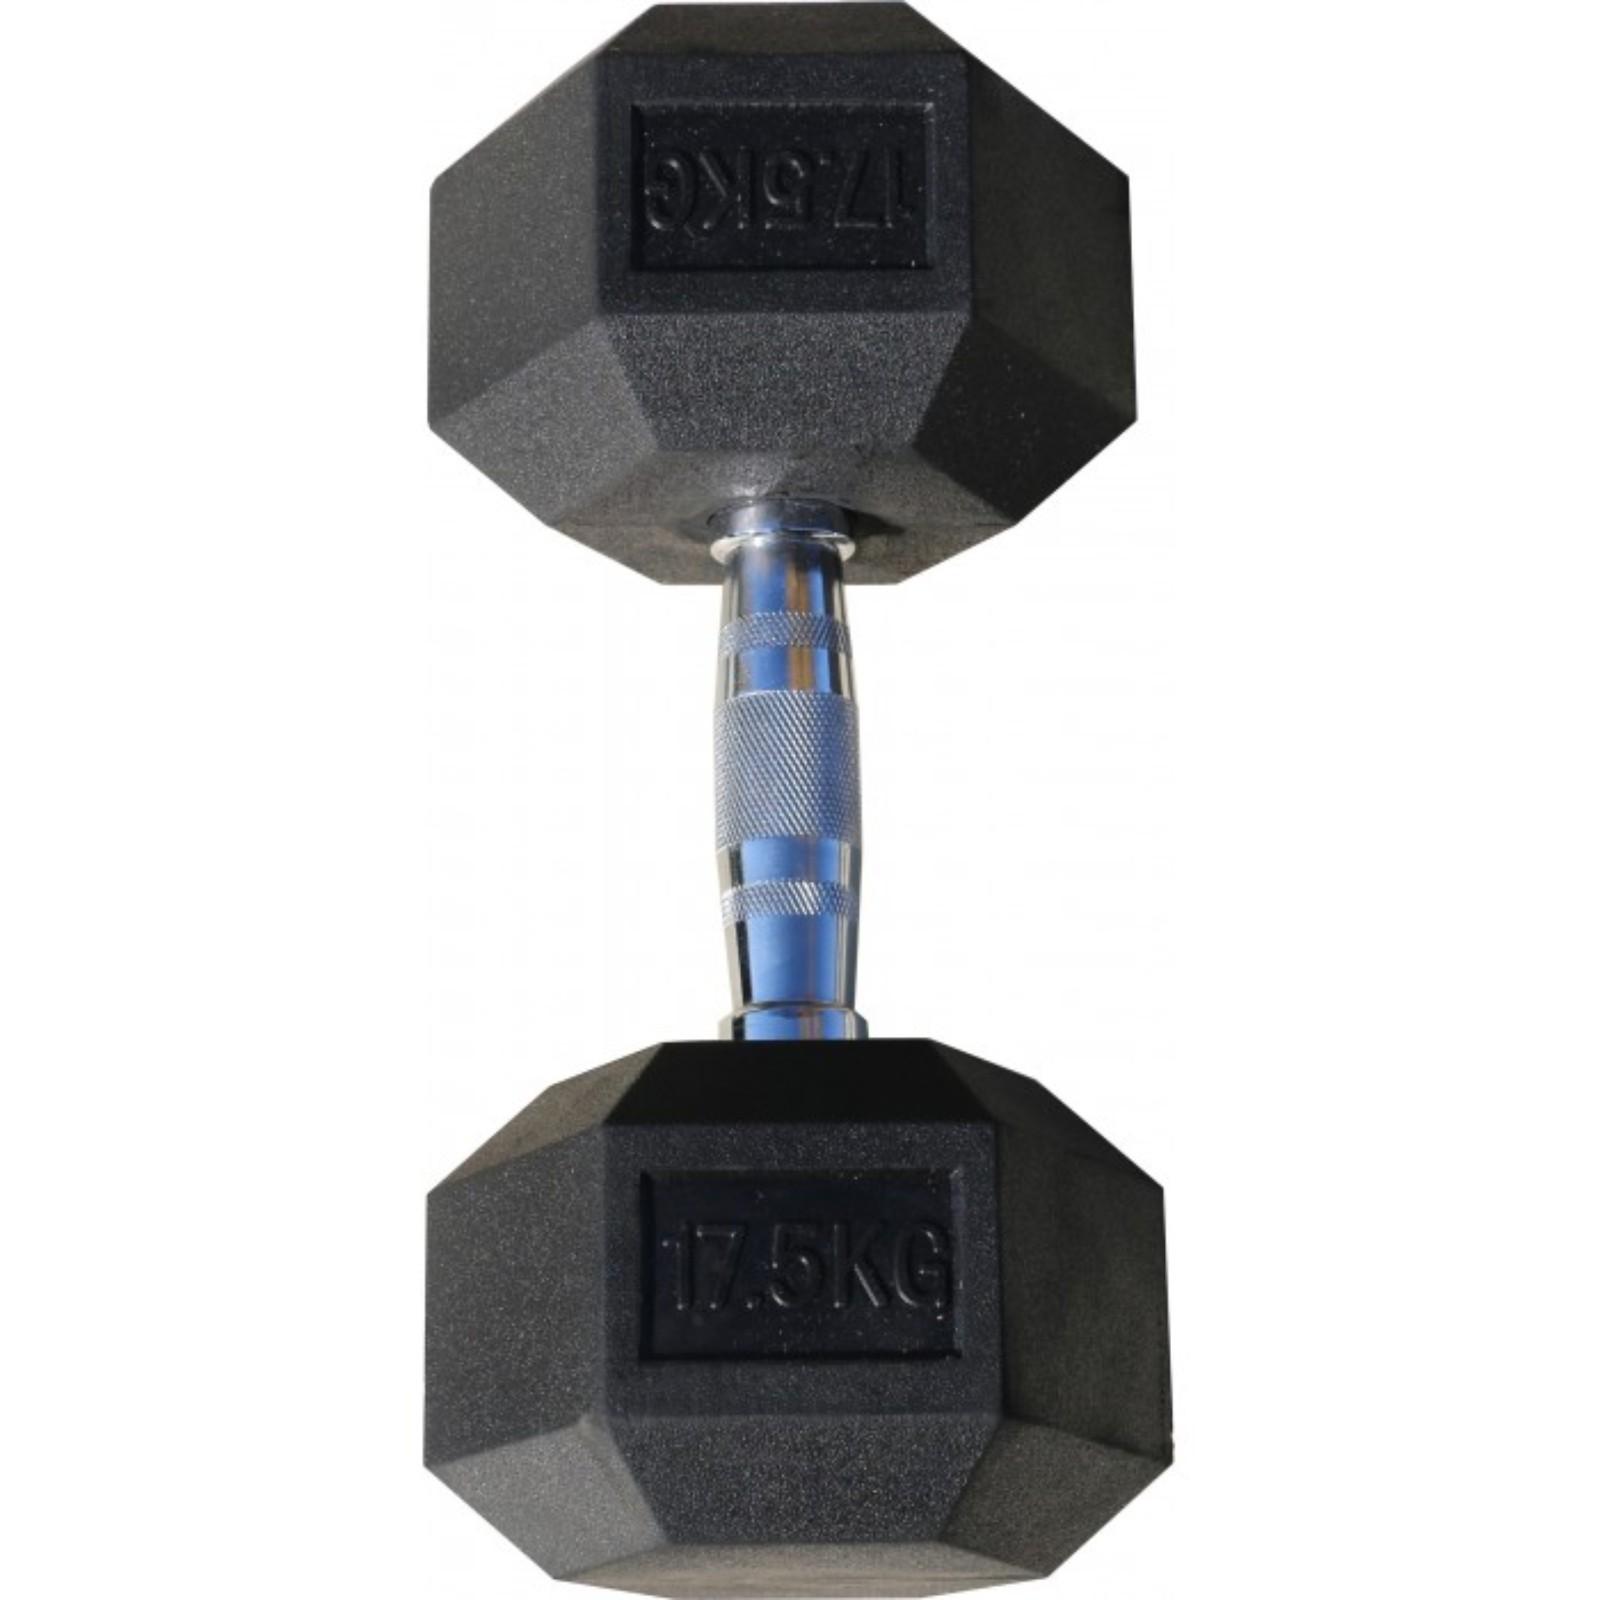 Гантель Body Solid гексагональная 17.5 кг